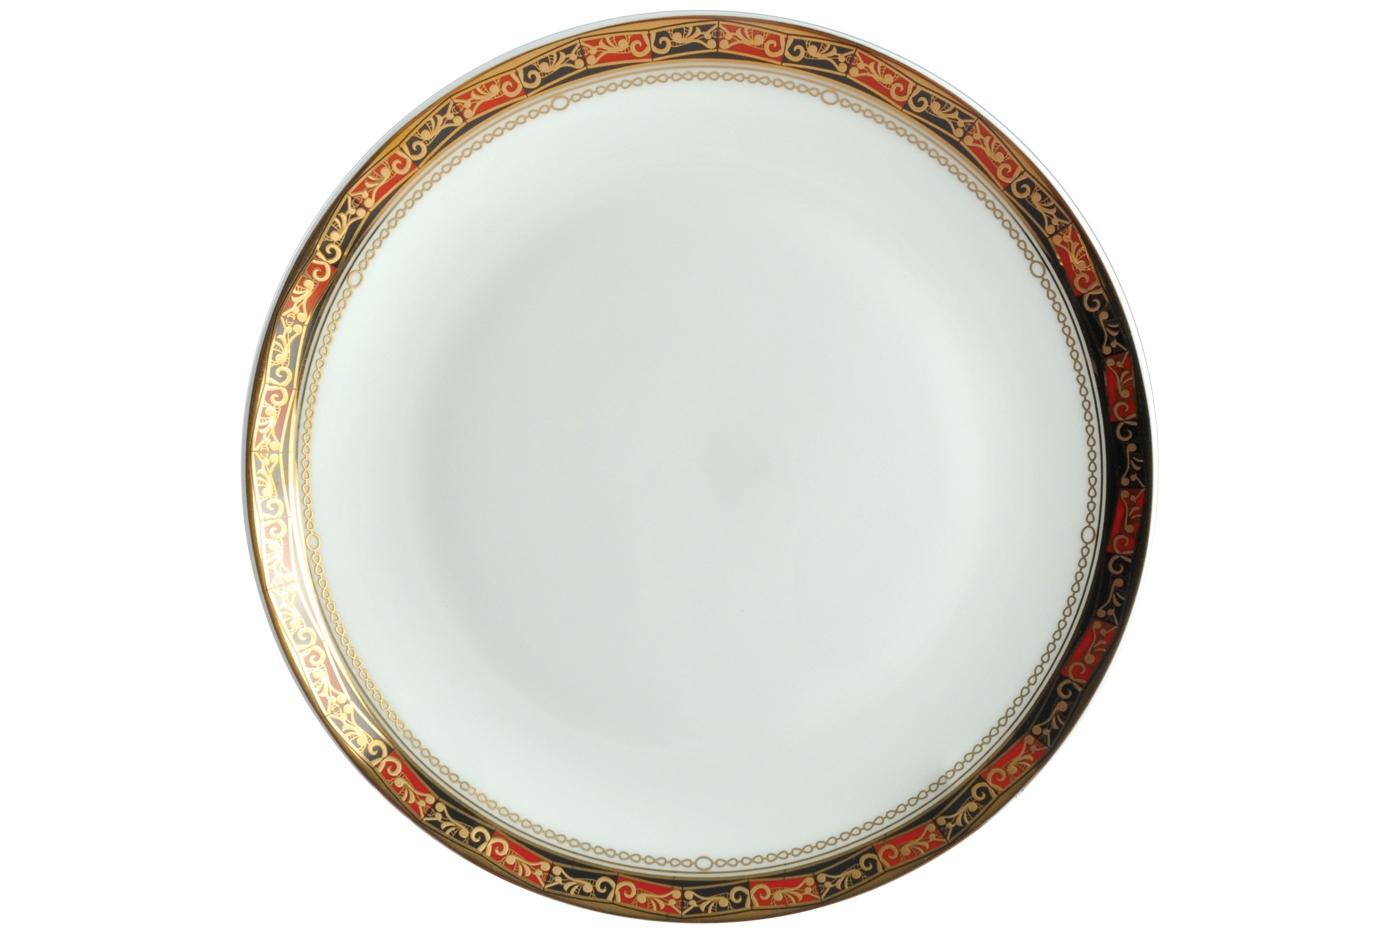 Набор из 6 тарелок Royal Aurel Дерби (20см) арт.526Наборы тарелок<br>Набор из 6 тарелок Royal Aurel Дерби (20см) арт.526<br>Производить посуду из фарфора начали в Китае на стыке 6-7 веков. Неустанно совершенствуя и селективно отбирая сырье для производства посуды из фарфора, мастерам удалось добиться выдающихся характеристик фарфора: белизны и тонкостенности. В XV веке появился особый интерес к китайской фарфоровой посуде, так как в это время Европе возникла мода на самобытные китайские вещи. Роскошный китайский фарфор являлся изыском и был в новинку, поэтому он выступал в качестве подарка королям, а также знатным людям. Такой дорогой подарок был очень престижен и по праву являлся элитной посудой. Как известно из многочисленных исторических документов, в Европе китайские изделия из фарфора ценились практически как золото. <br>Проверка изделий из костяного фарфора на подлинность <br>По сравнению с производством других видов фарфора процесс производства изделий из настоящего костяного фарфора сложен и весьма длителен. Посуда из изящного фарфора - это элитная посуда, которая всегда ассоциируется с богатством, величием и благородством. Несмотря на небольшую толщину, фарфоровая посуда - это очень прочное изделие. Для демонстрации плотности и прочности фарфора можно легко коснуться предметов посуды из фарфора деревянной палочкой, и тогда мы услушим характерный металлический звон. В составе фарфоровой посуды присутствует костяная зола, благодаря чему она может быть намного тоньше (не более 2,5 мм) и легче твердого или мягкого фарфора. Безупречная белизна - ключевой признак отличия такого фарфора от других. Цвет обычного фарфора сероватый или ближе к голубоватому, а костяной фарфор будет всегда будет молочно-белого цвета. Характерная и немаловажная деталь - это невесомая прозрачность изделий из фарфора такая, что сквозь него проходит свет.<br>